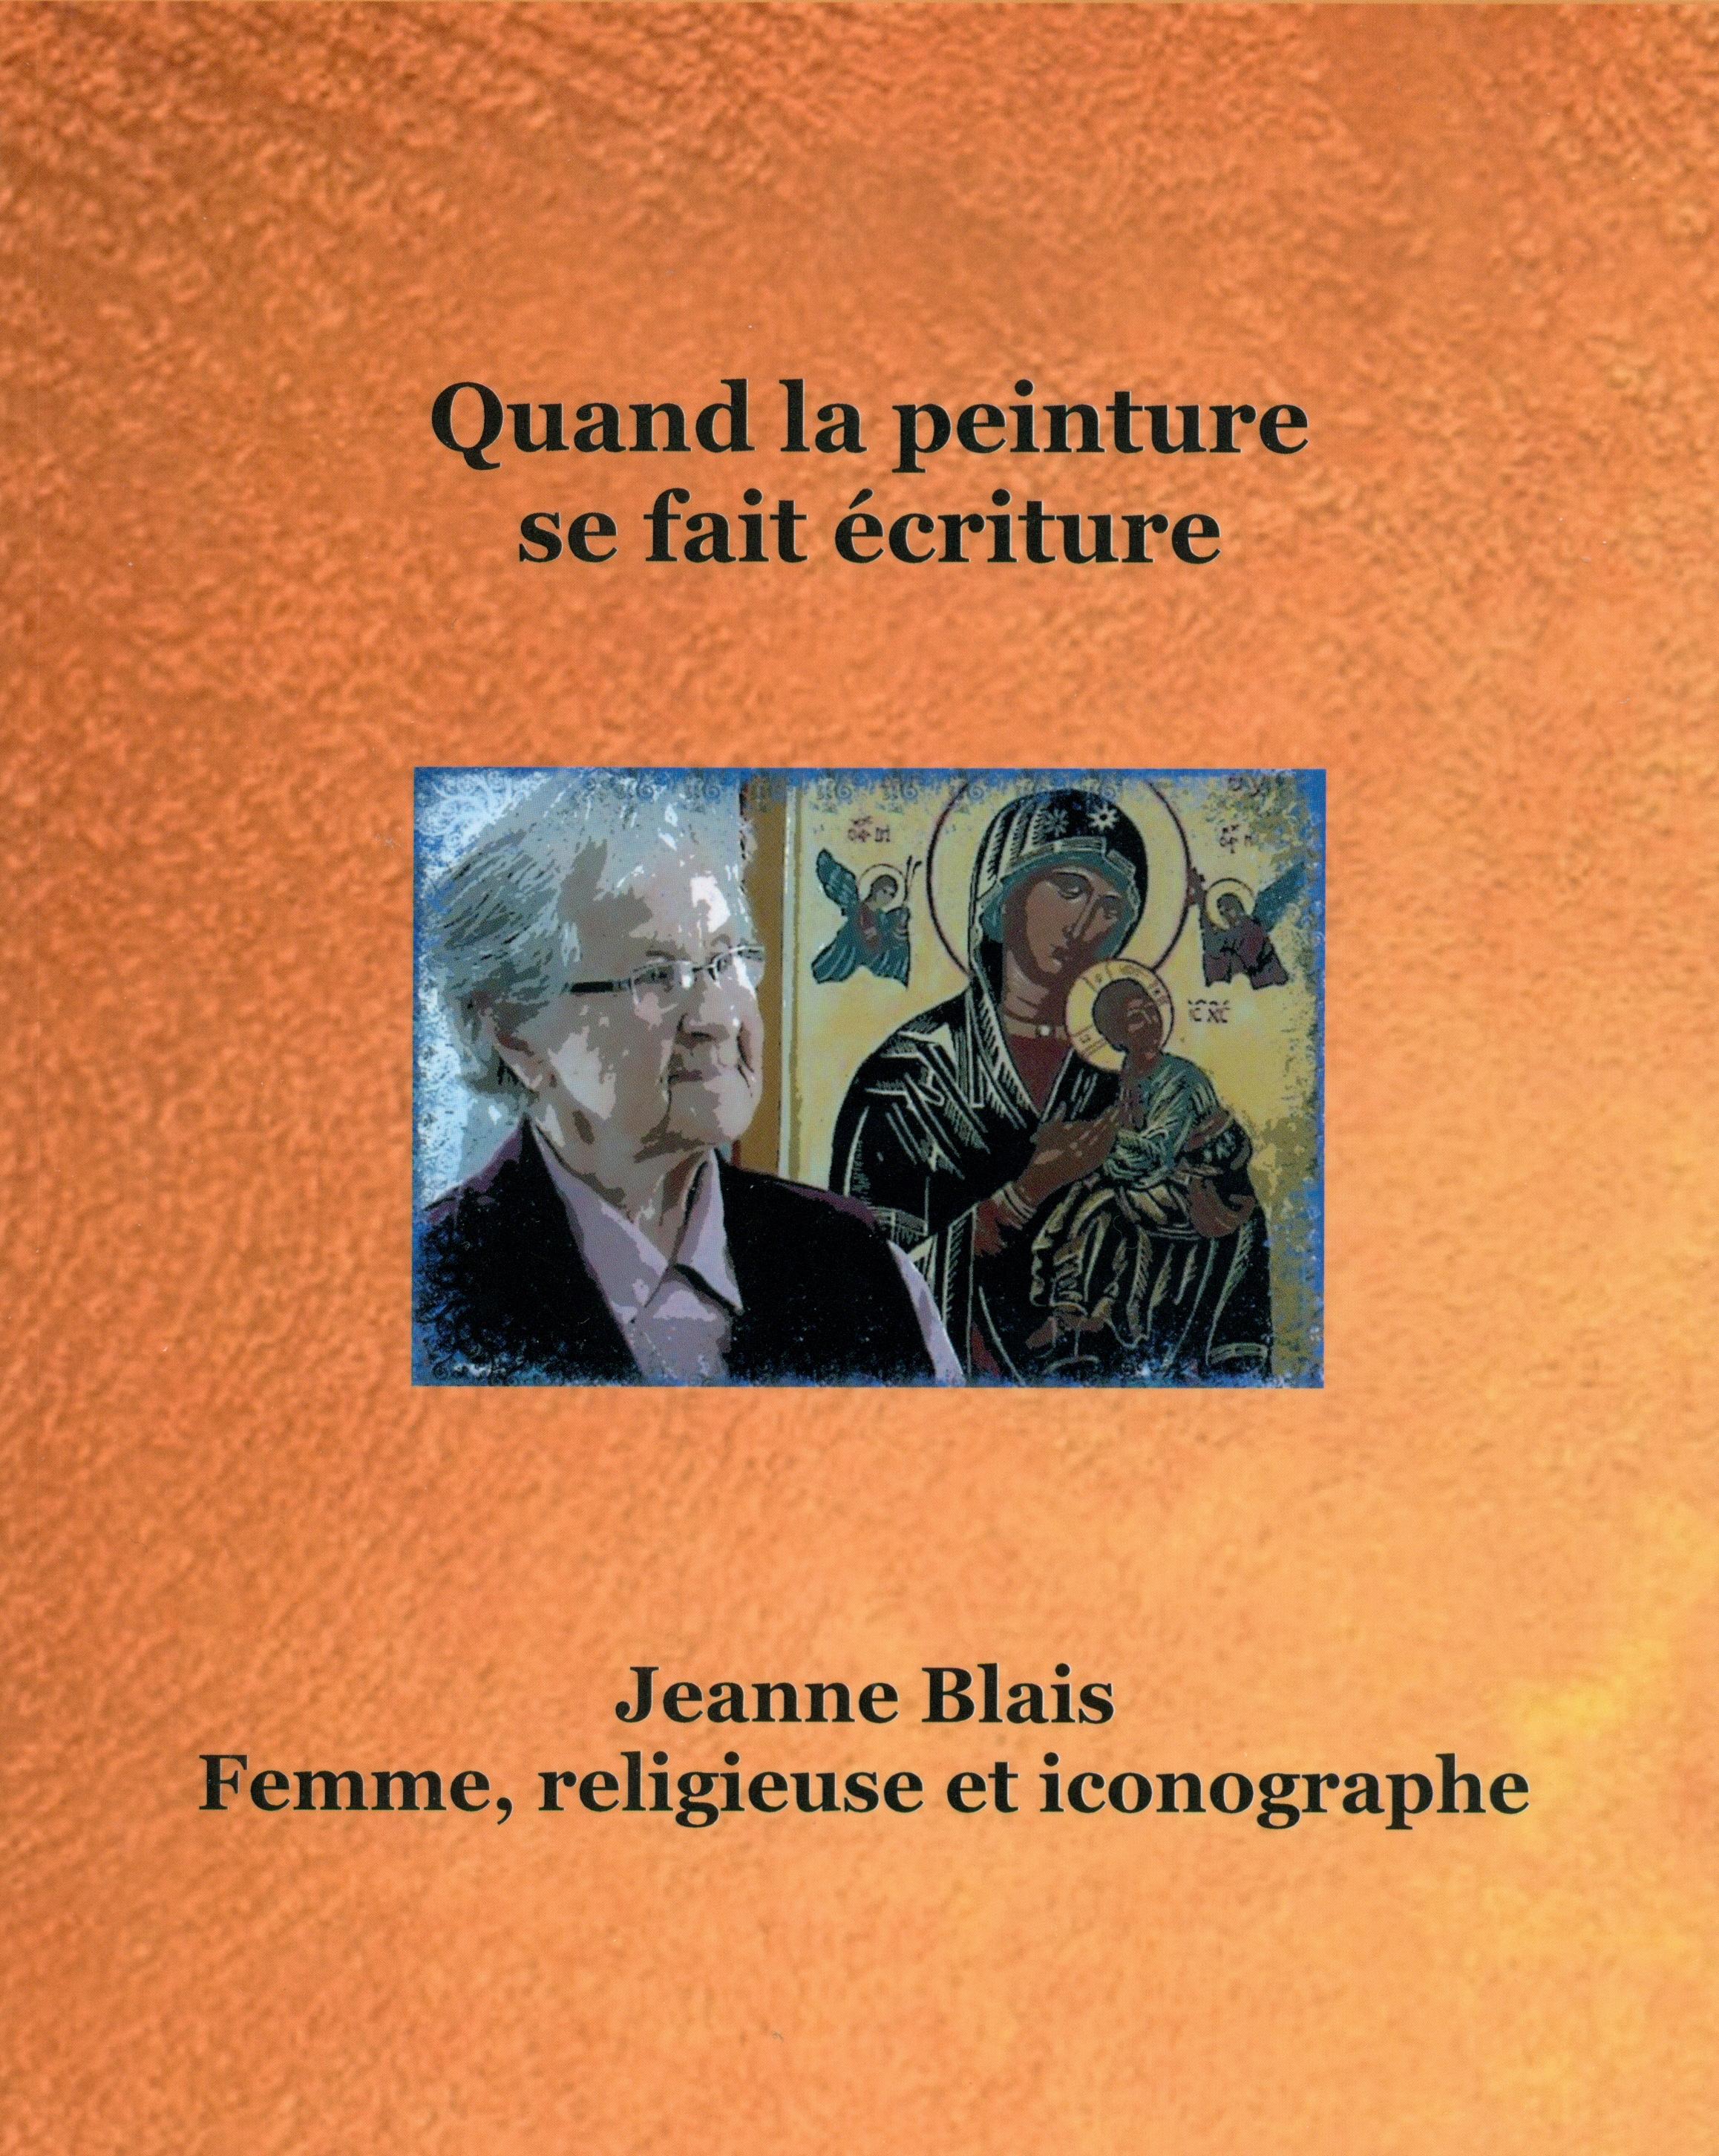 Livre de Jeanne Blais